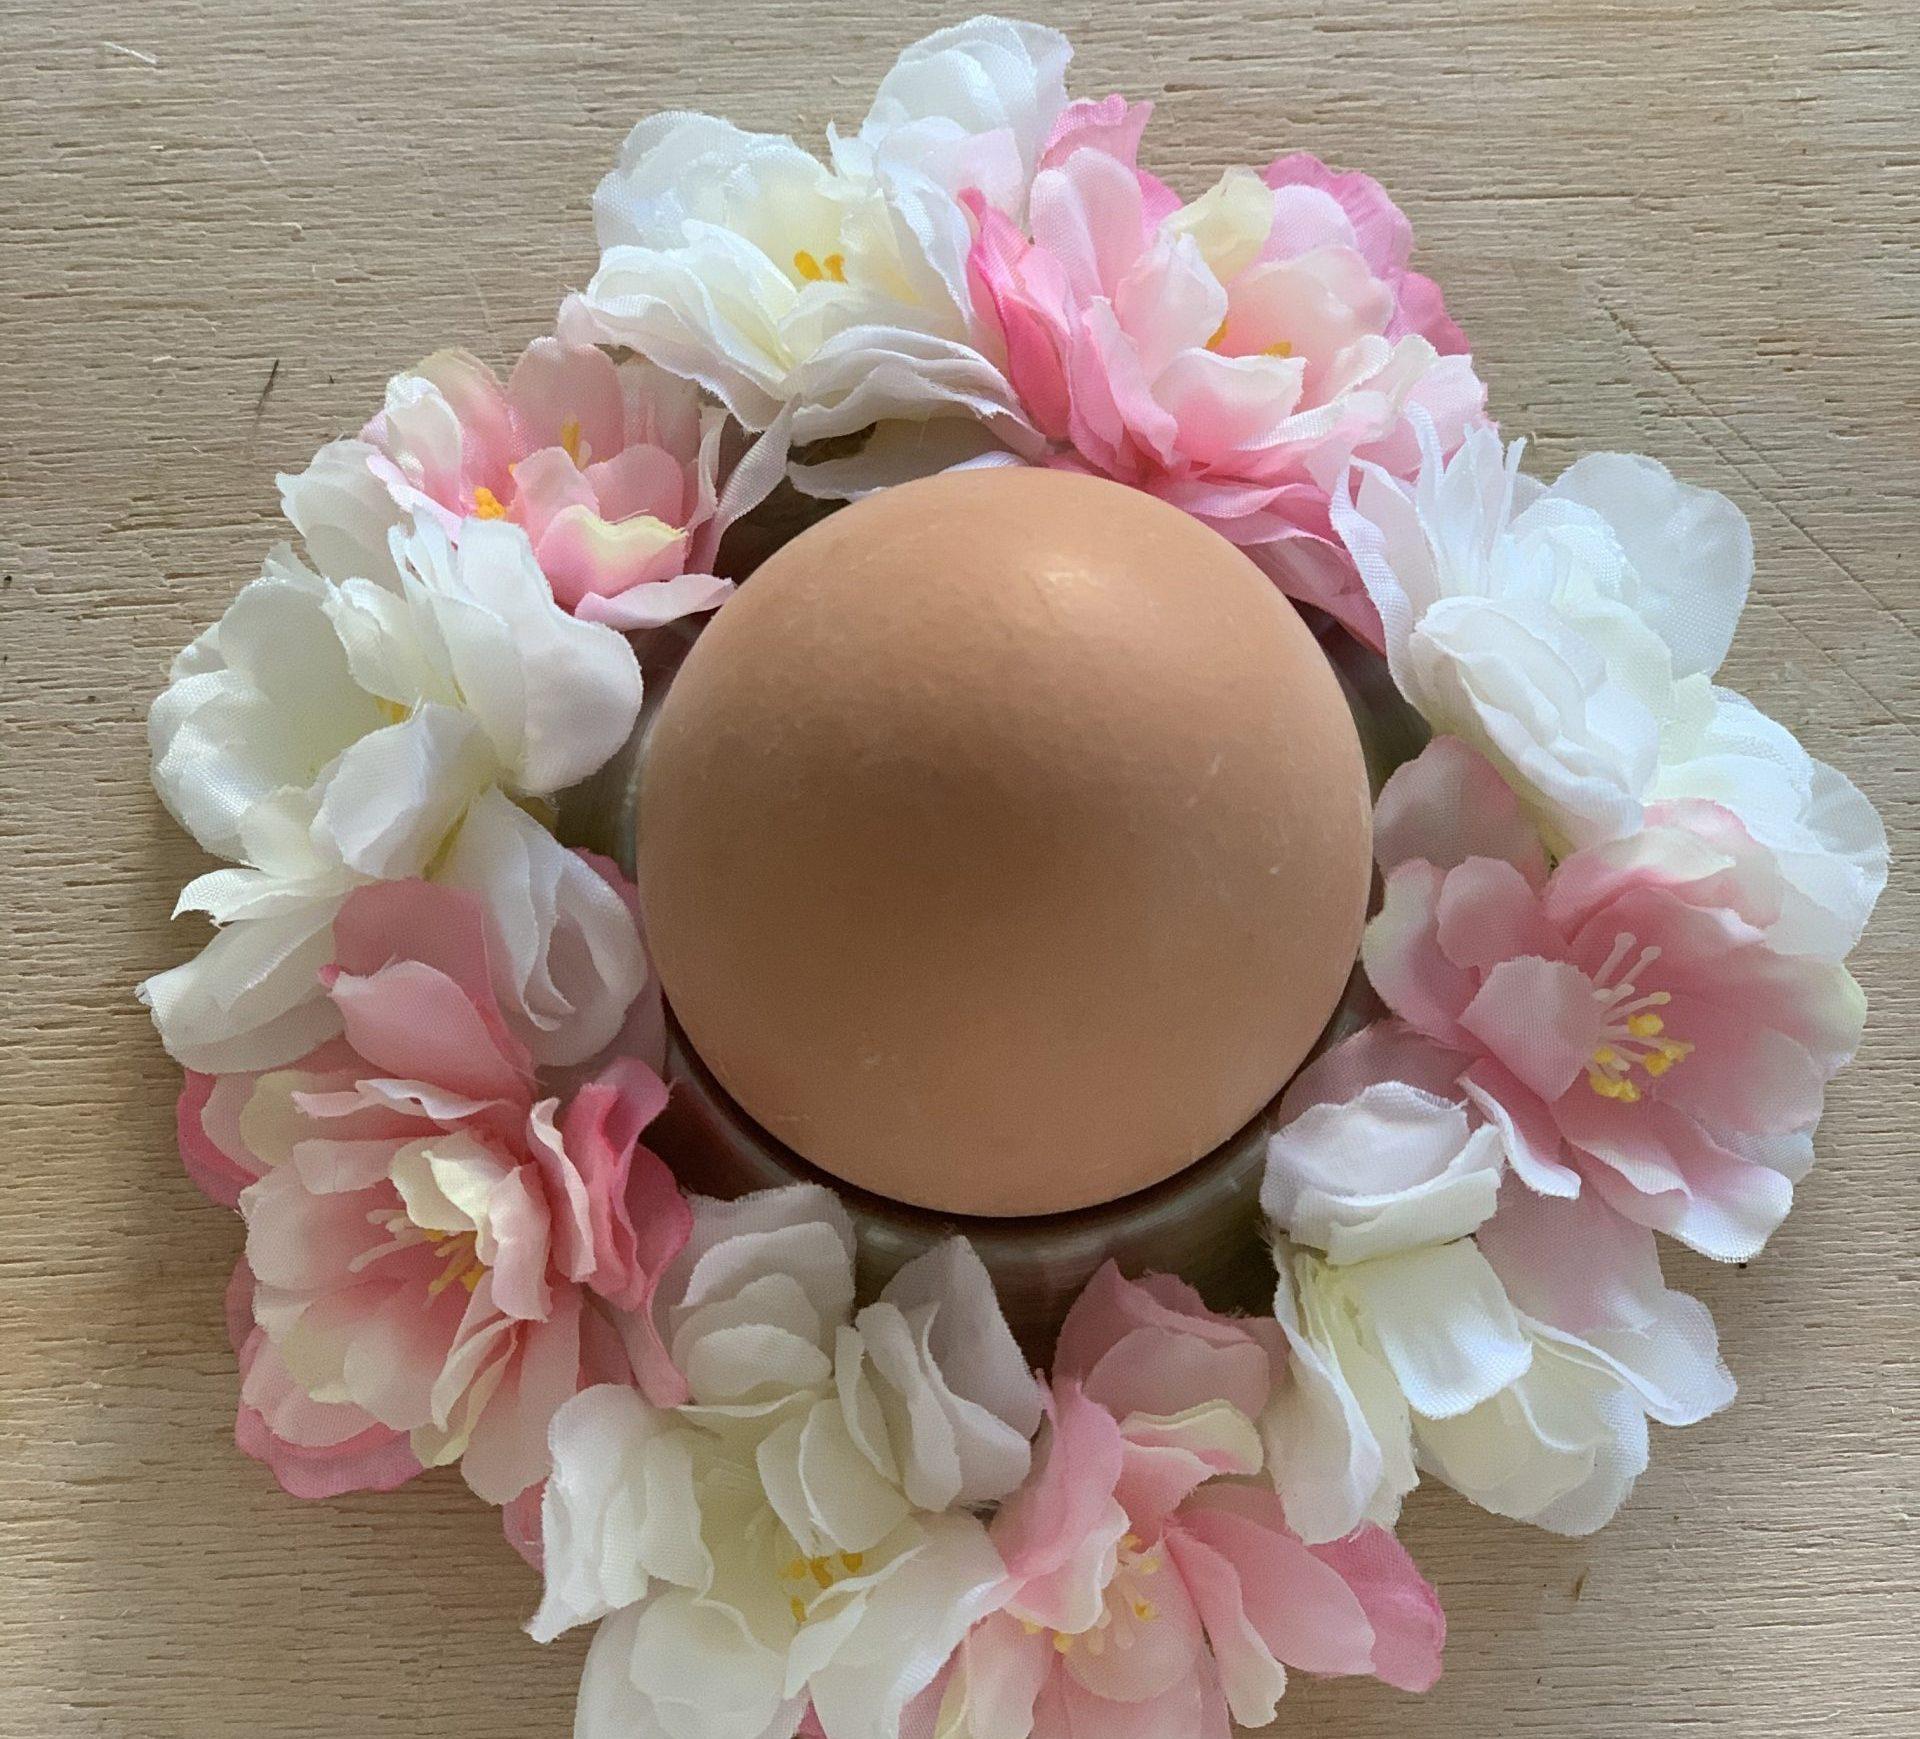 Ostereierdeko Blütenkranz von oben